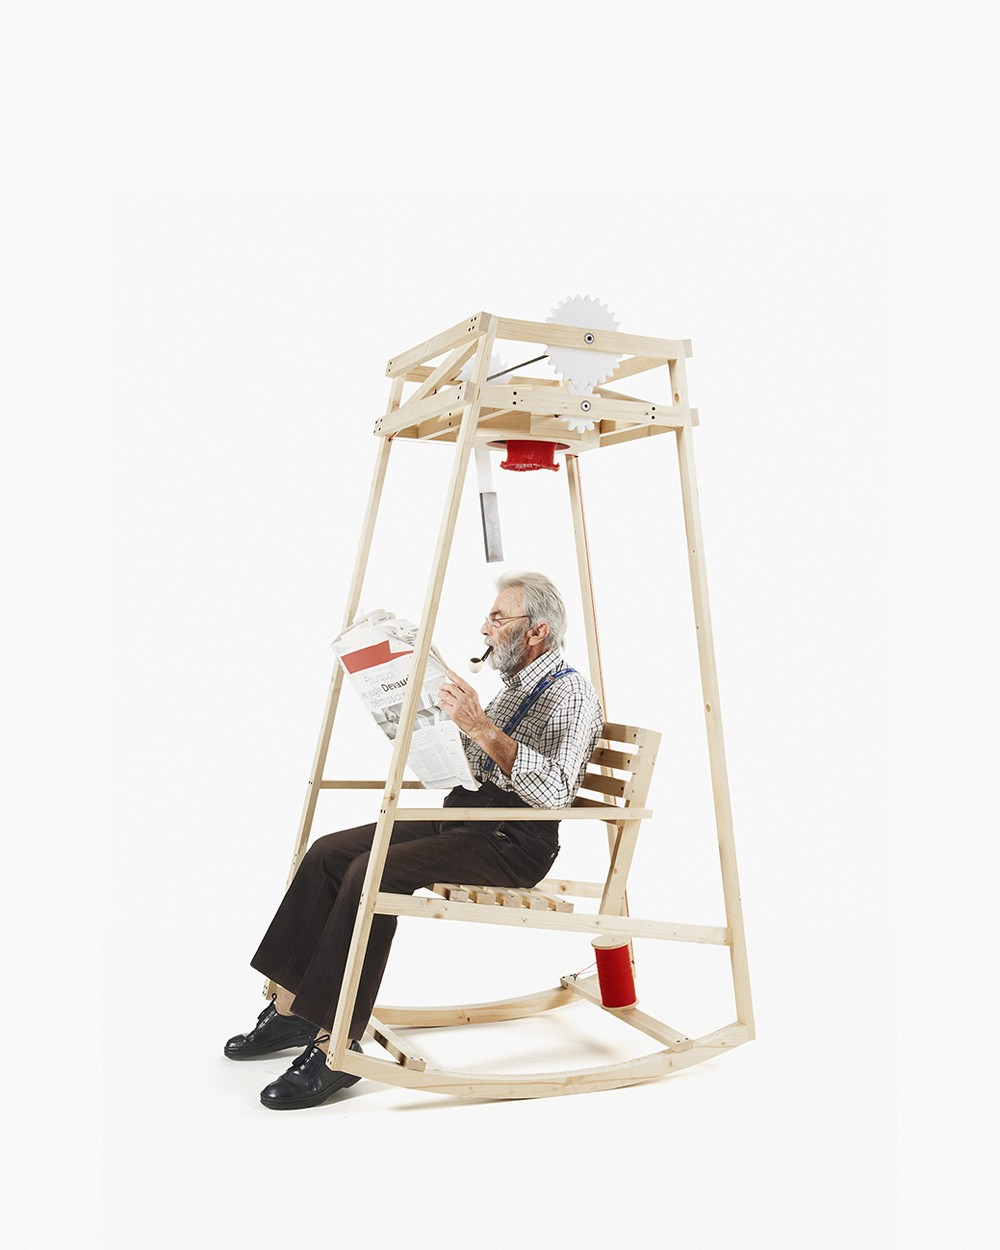 Кресло-качалка, которое свяжет вам шапку, пока вы читаете газету-2